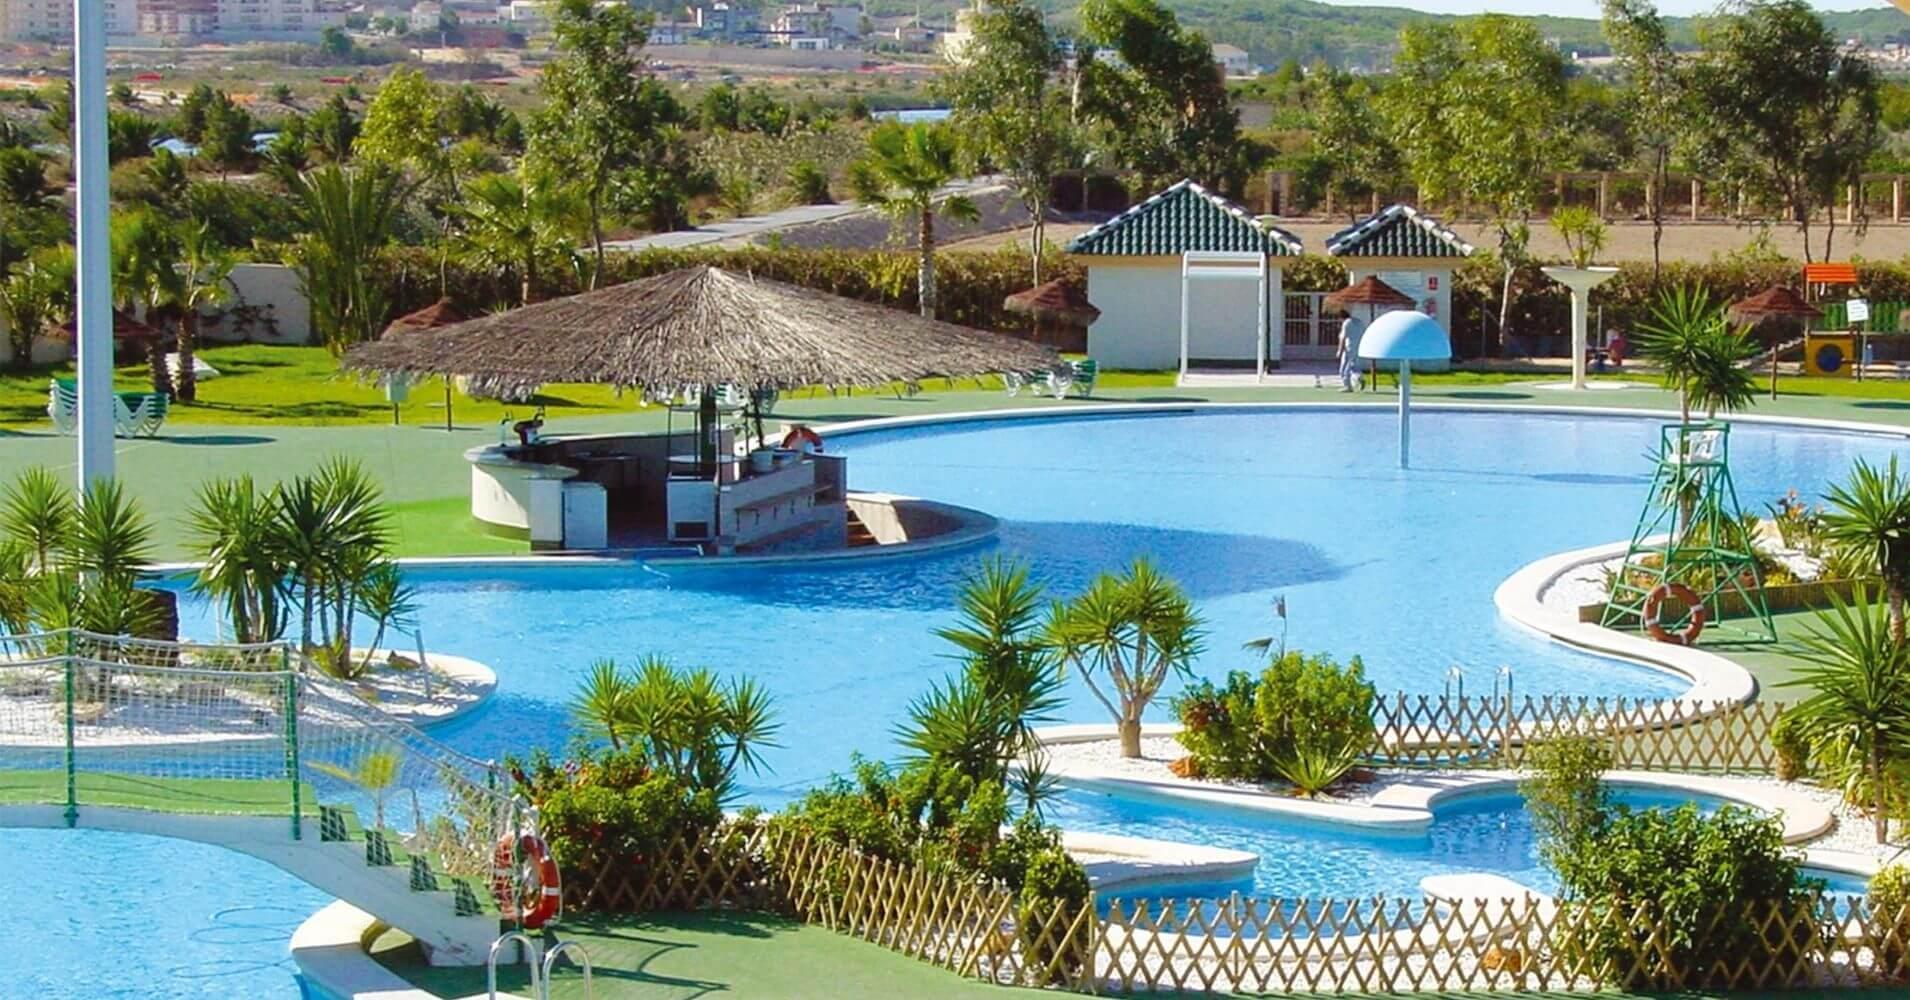 Guía Camping España. Camping Resort Marjal, Alicante.